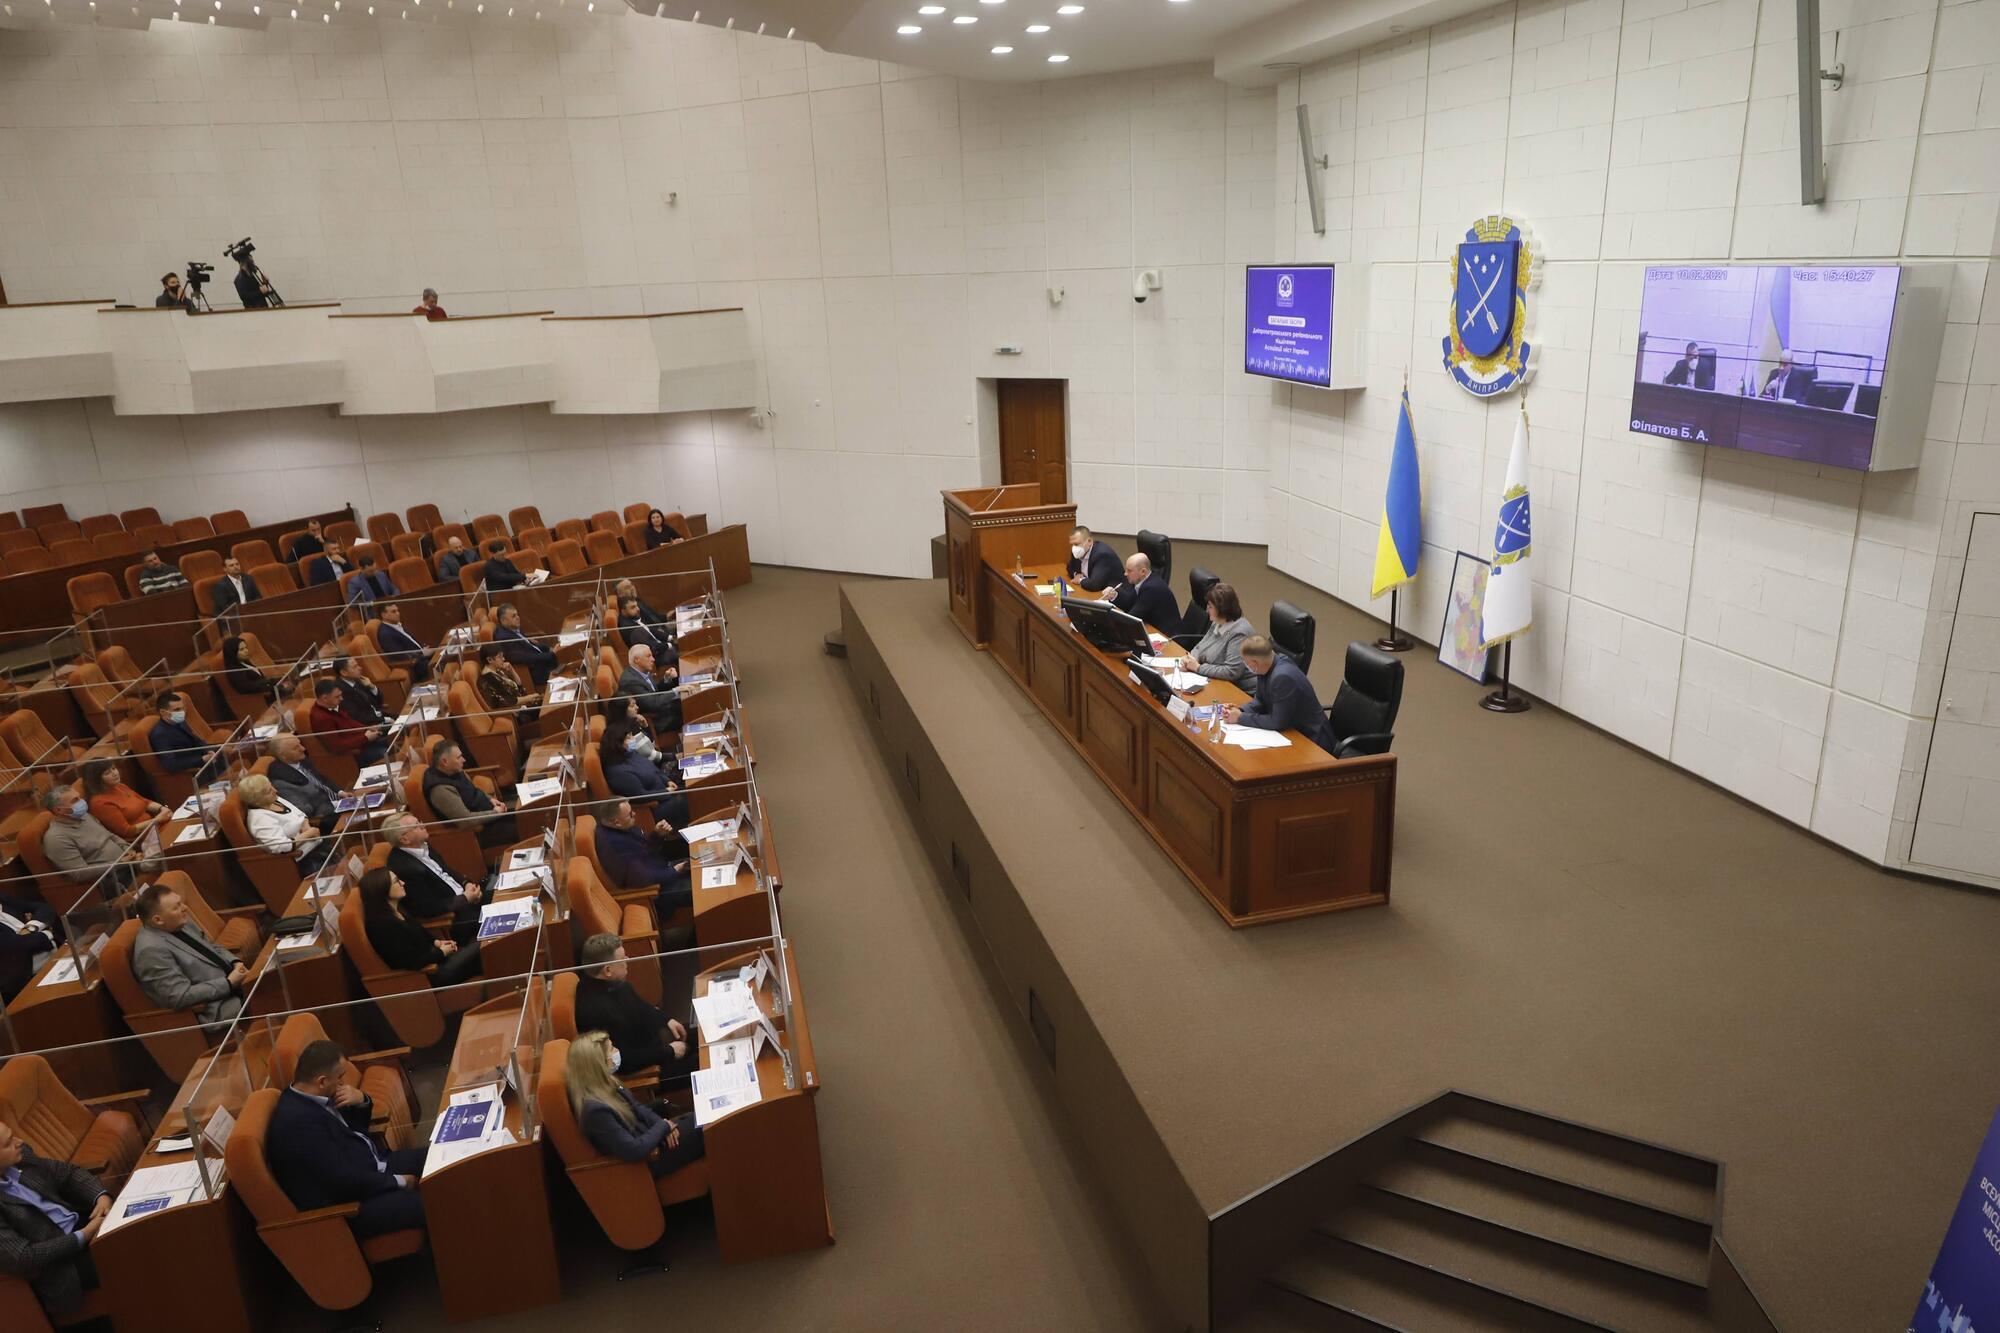 Мэр Днепра добавил, что имеет конструктивные отношения с лидерами украинских территориальных общин